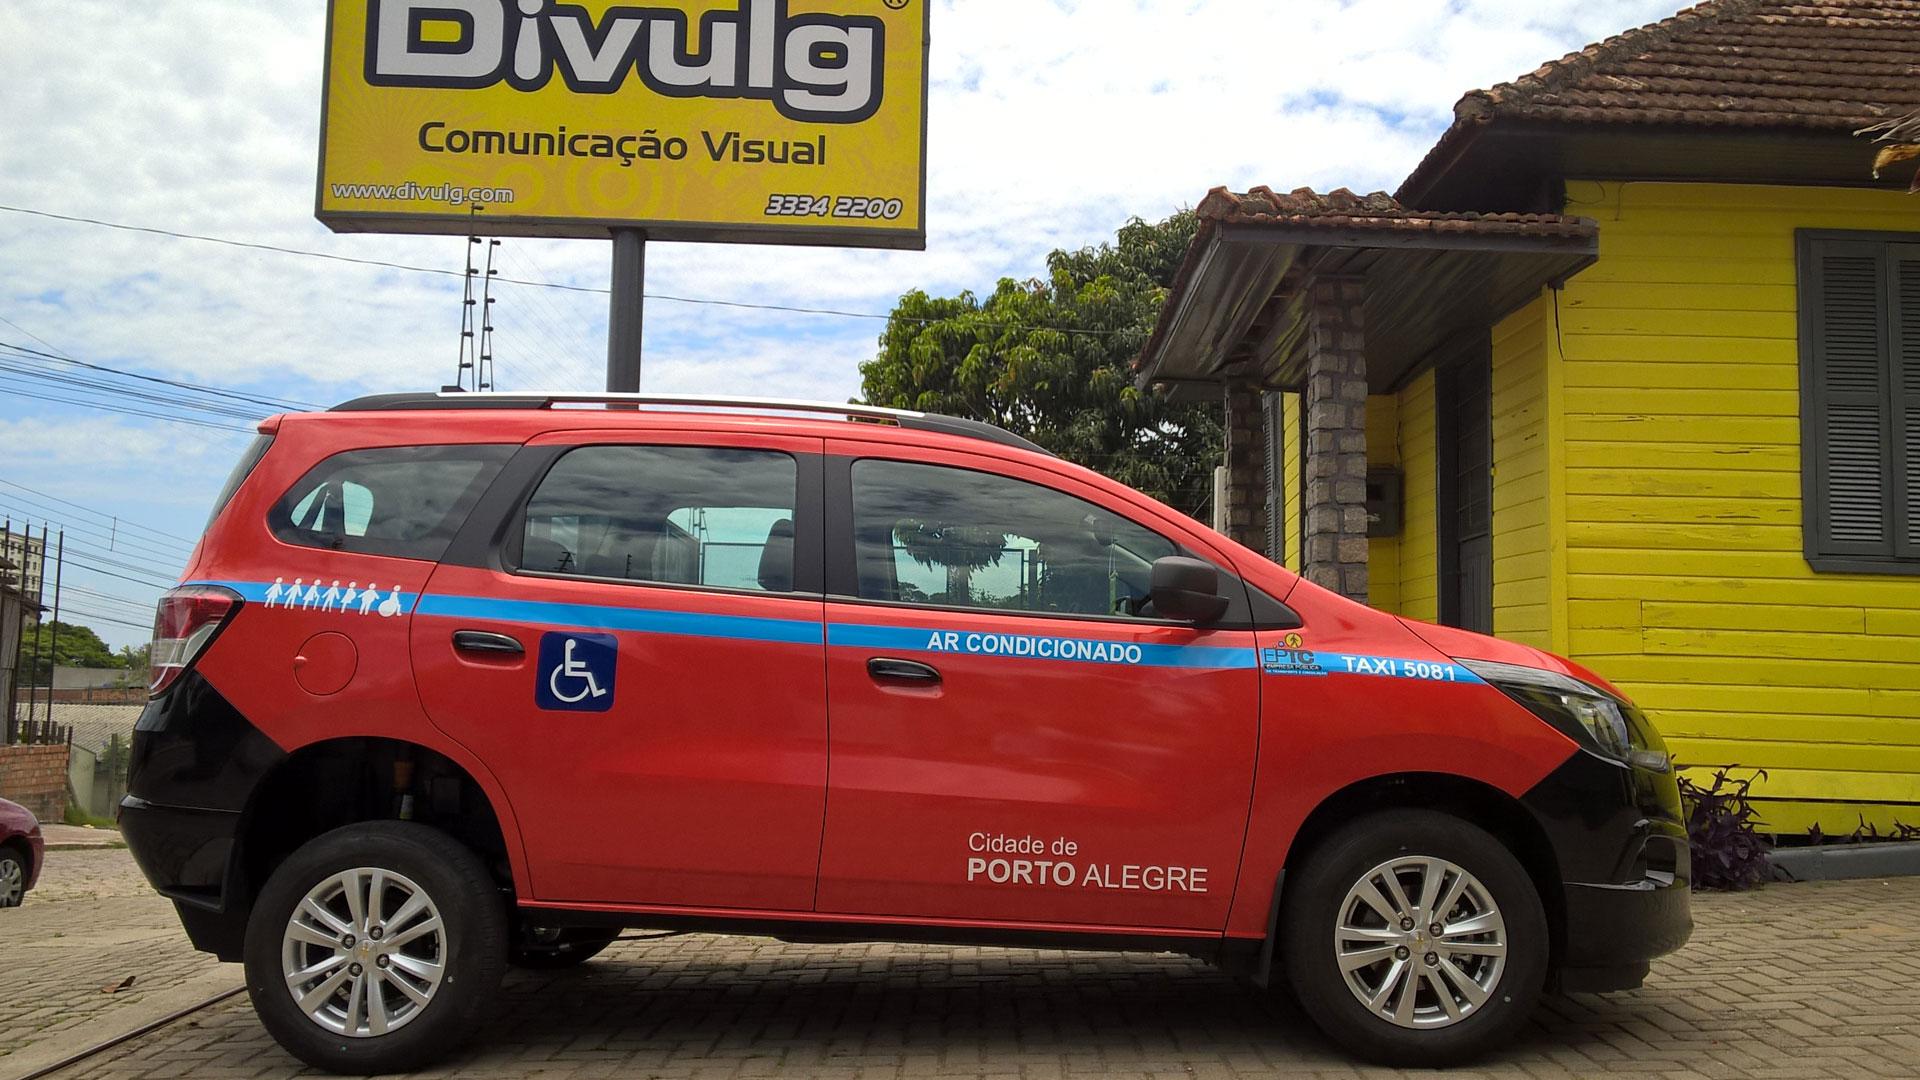 Taxi acessível